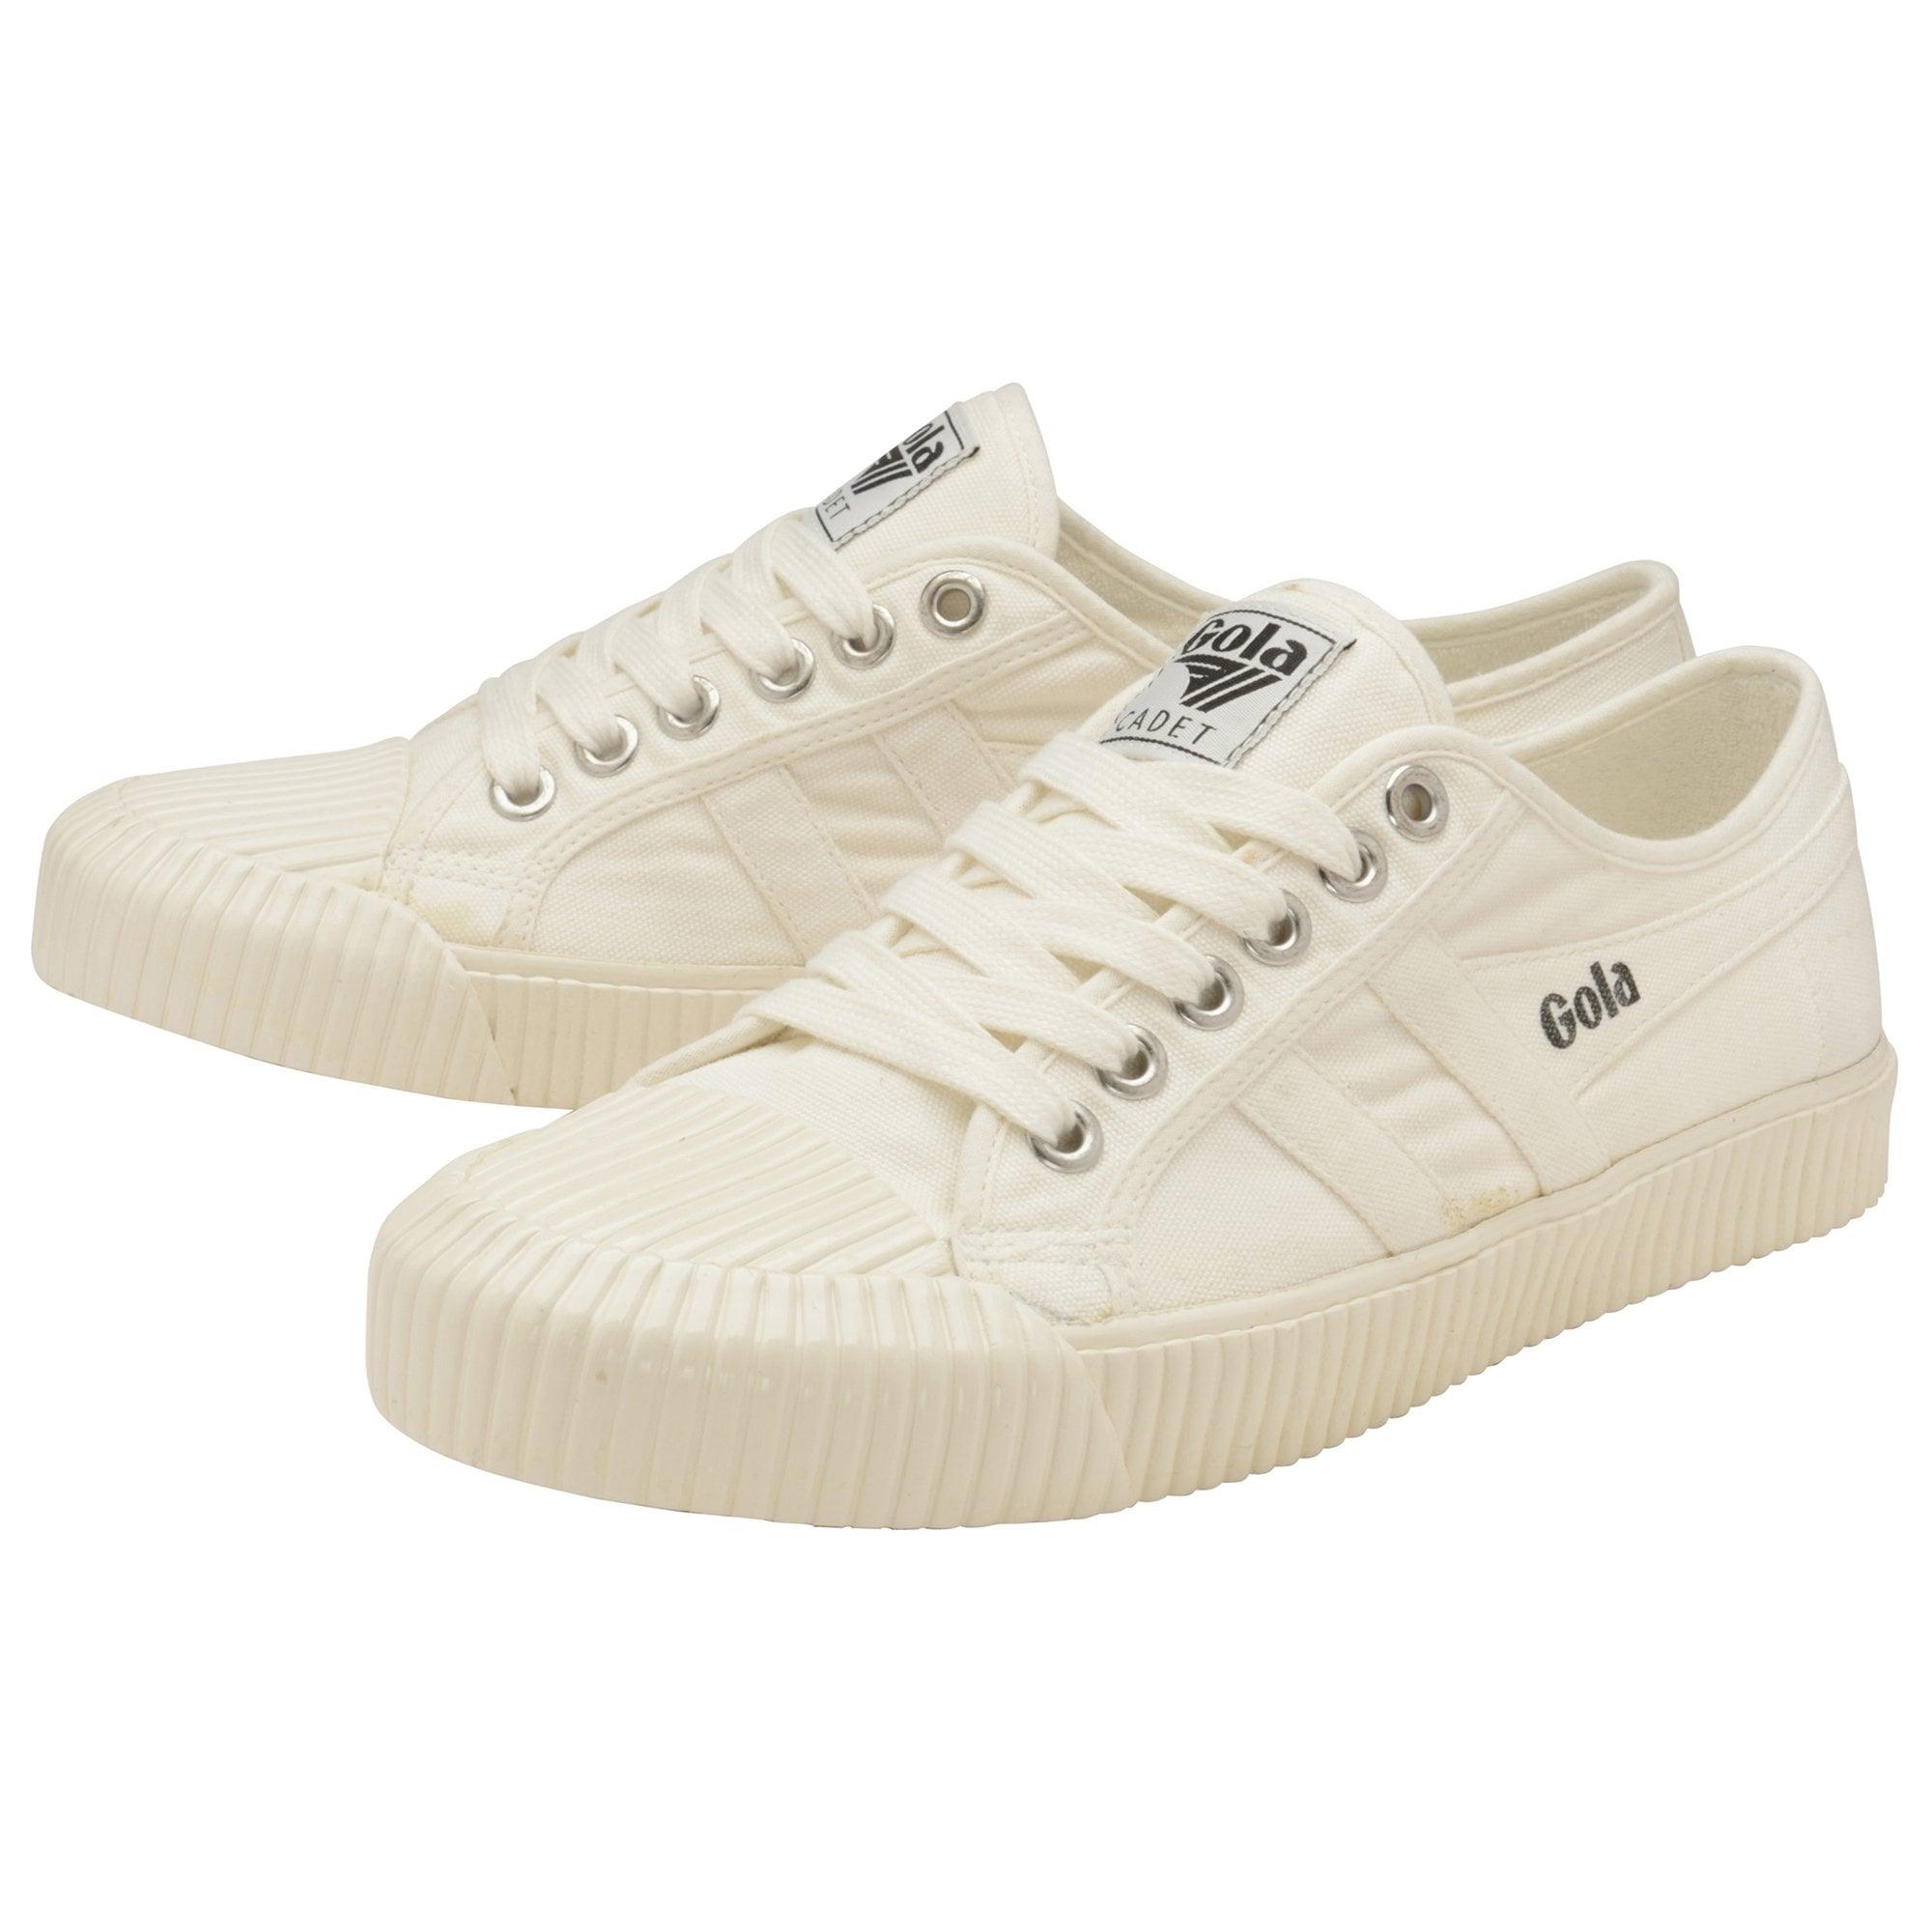 Gola Cadet High Damen Off White Textil Sneaker